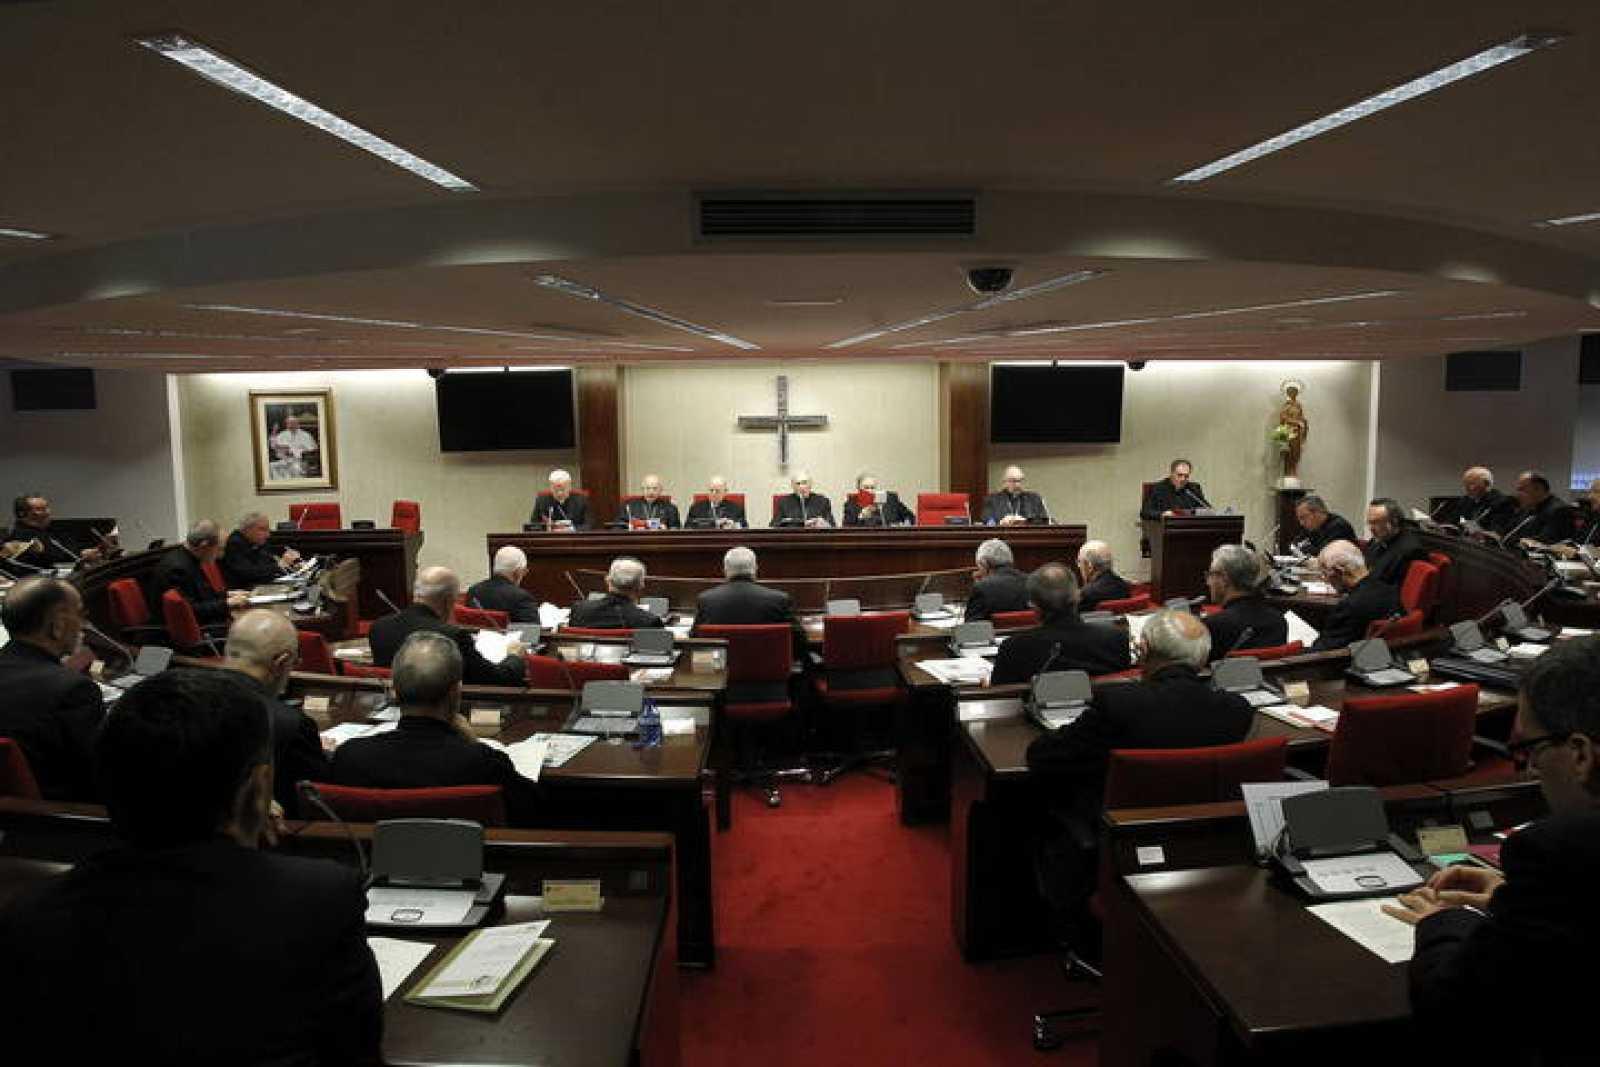 Imagen de la inauguración de la asamblea plenaria de la Conferencia Episcopal Española, que elegirá al sucesor de Rouco Varela en la presidencia.